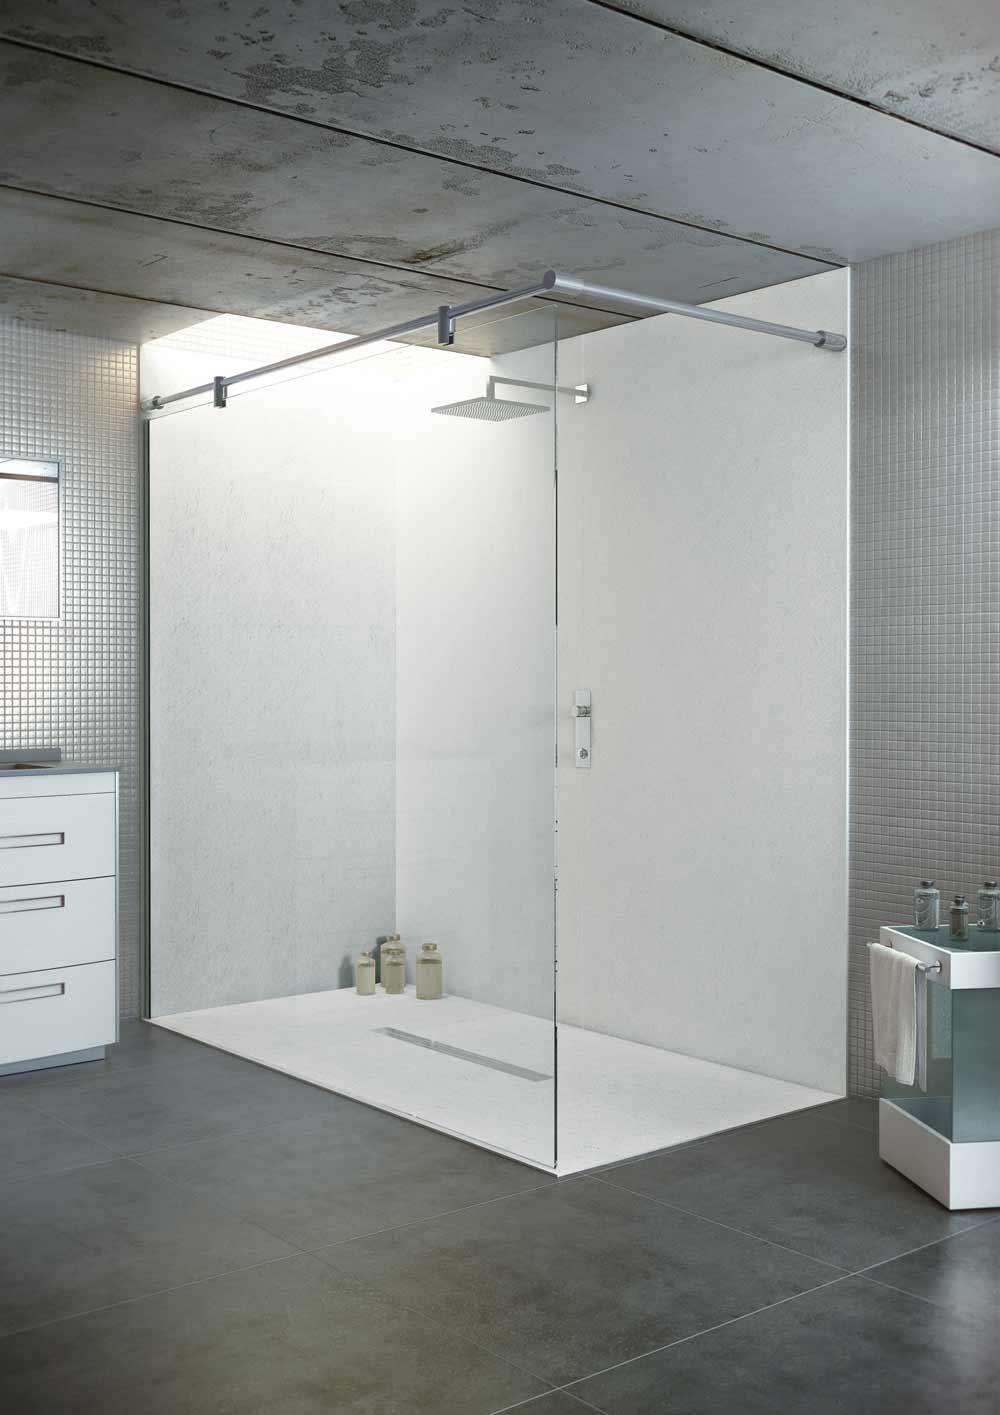 bao minimalista con plato de ducha extraplano en color blanco - Baos Con Plato De Ducha